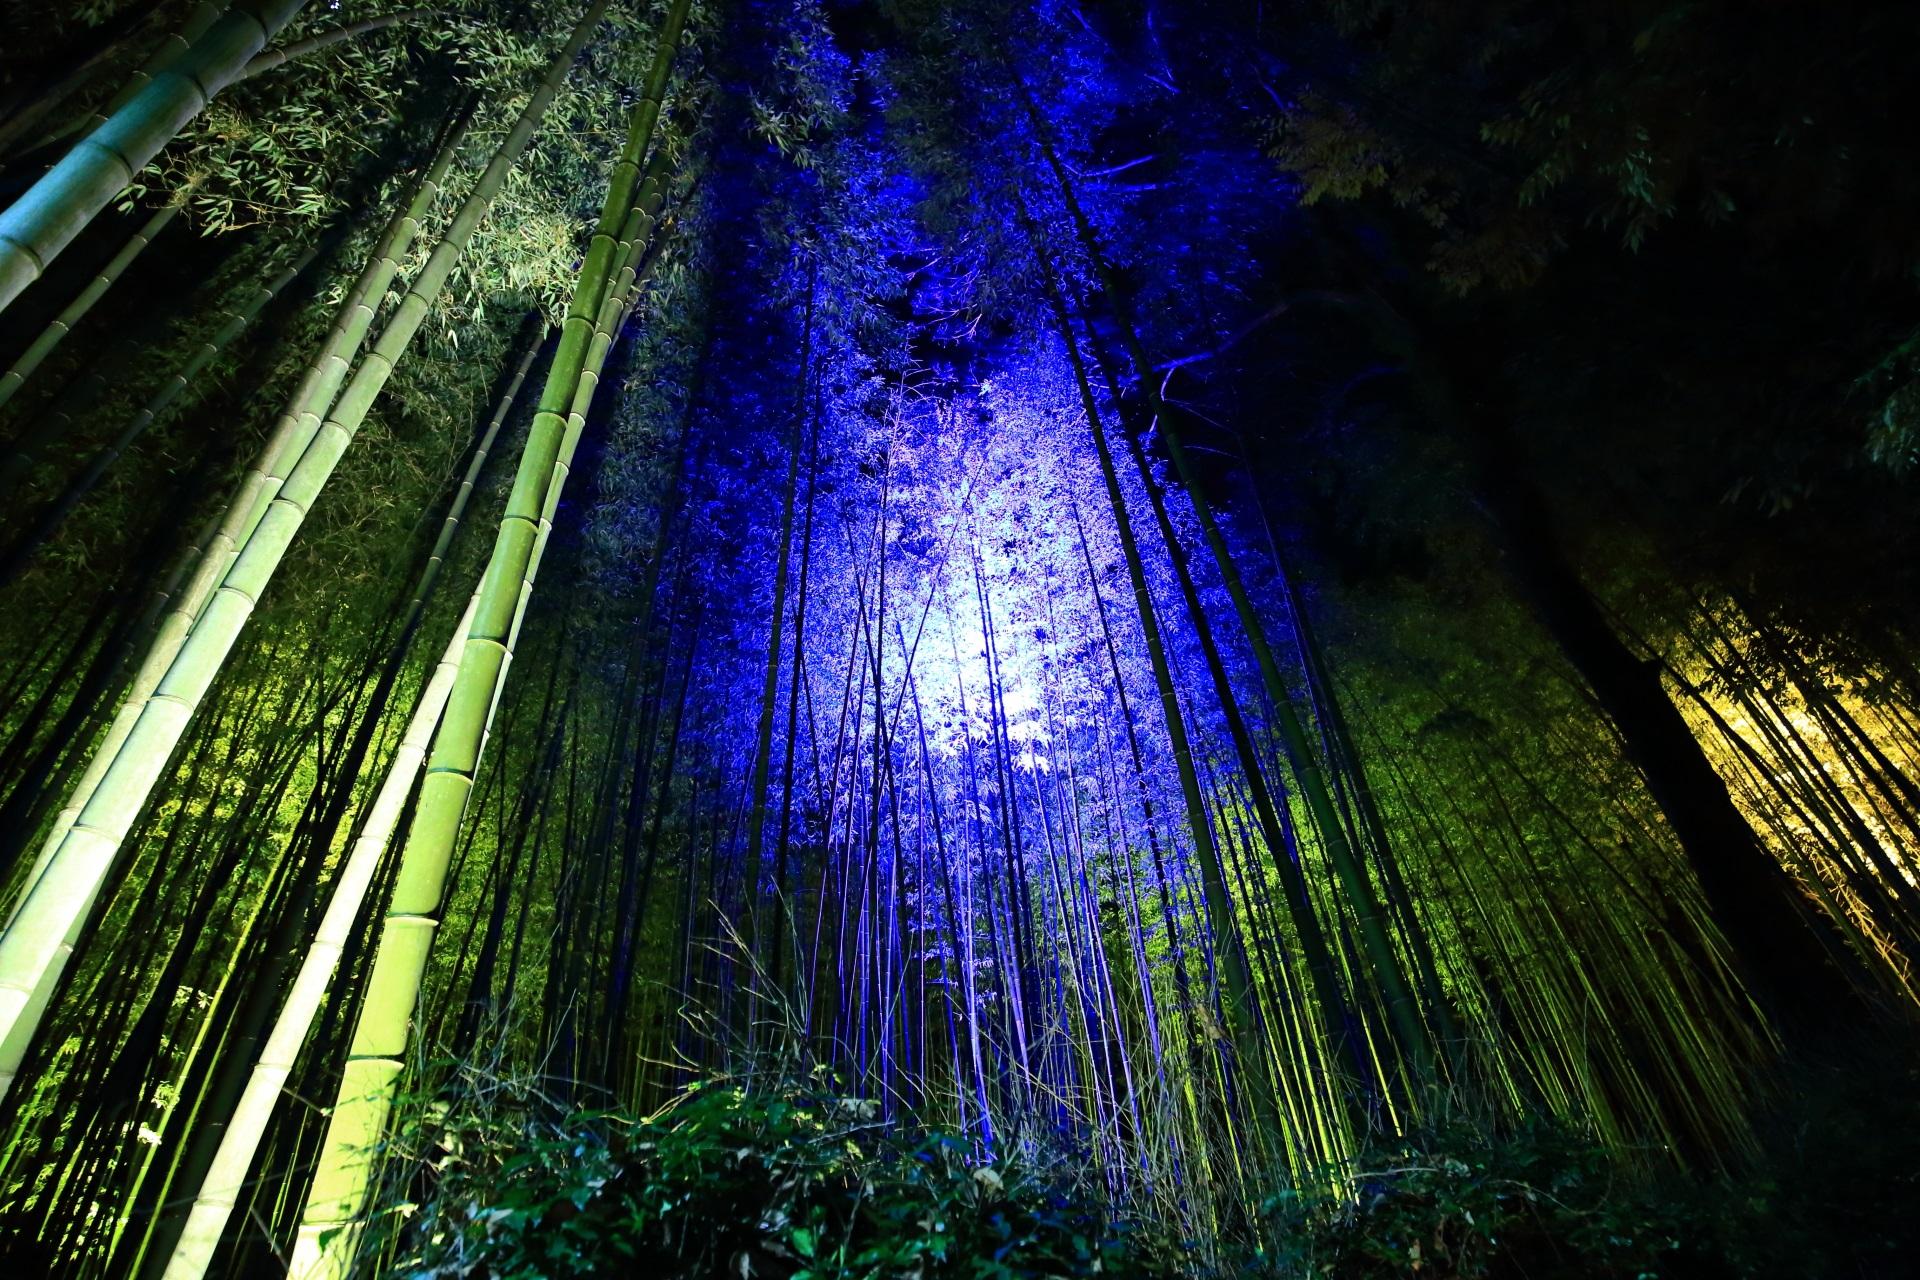 嵐山花灯路の竹林の青色の幻想的なライトアップ